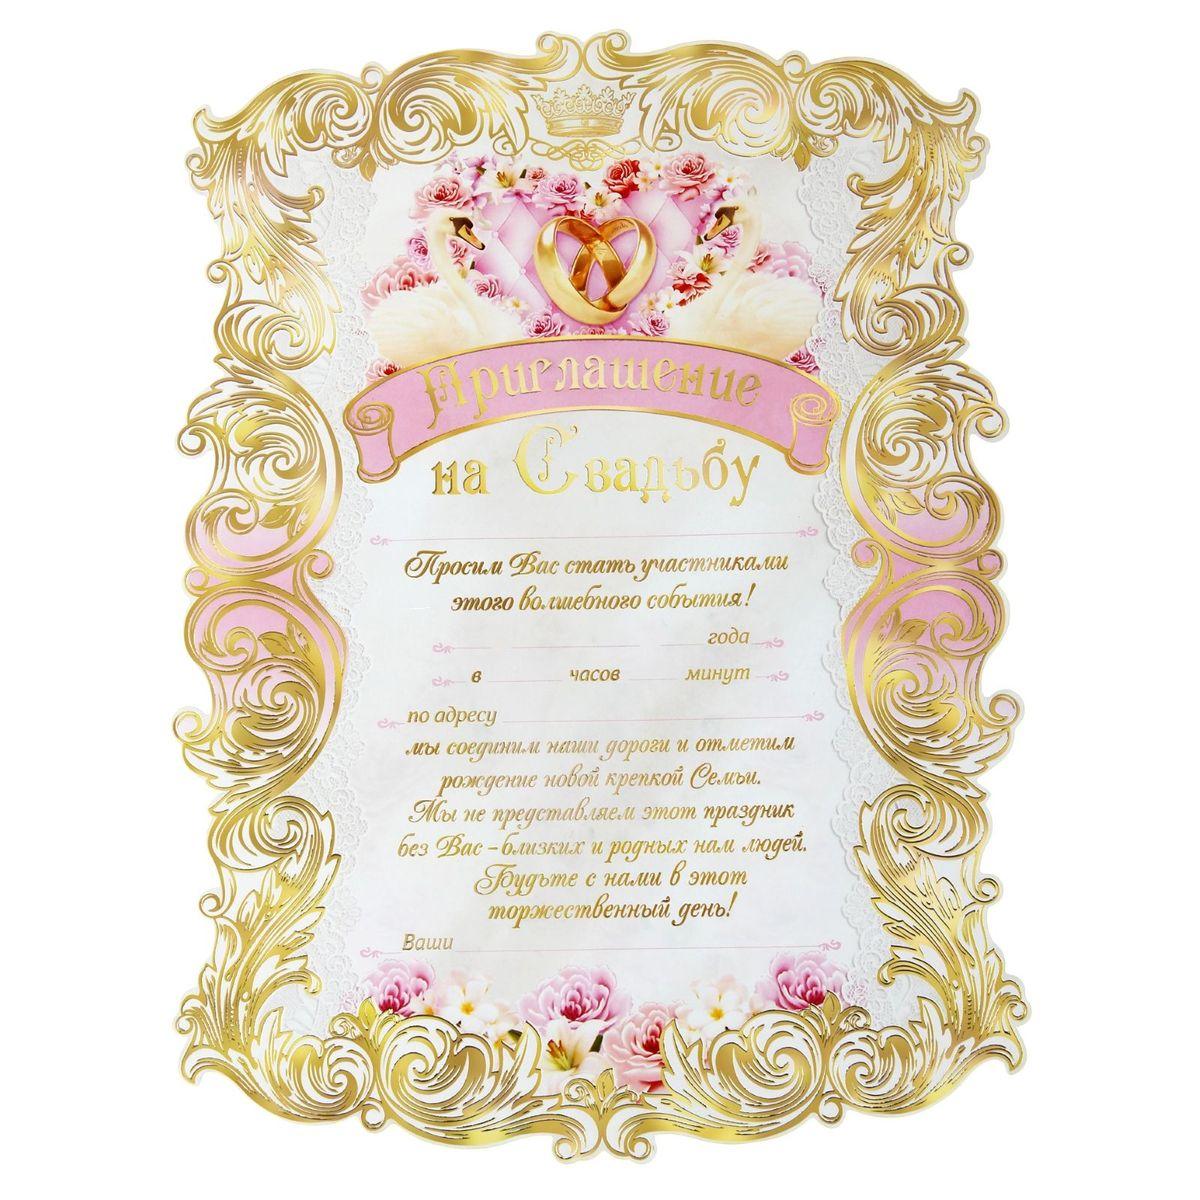 Свадебные приглашения-свитки Sima-land Лебеди, 0,2 x 17,4 x 24,2 см143338Традиции свадебного обряда уходят корнями в далекое прошлое, когда многие важные документы, приказы, указы, послания передавались в форме свитков. Добавить оригинальность и показать верность традициям поможет свадебное приглашение-свиток Лебеди. Разработанное дизайнерами специально для вашей свадебной церемонии приглашение подчеркнёт важность торжества. Изделие имеет неповторимую резную форму. В комплект входит милая ленточка с сердцем. Нежные цвета, традиционные свадебные мотивы и орнамент подойдут к любому стилю, в котором планируется оформить свадьбу. Внутри свитка — текст приглашения с тёплыми словами для адресата. Дизайнеры продумали все детали. Вам остаётся заполнить необходимые строки и раздать гостям. Устройте незабываемую свадьбу!